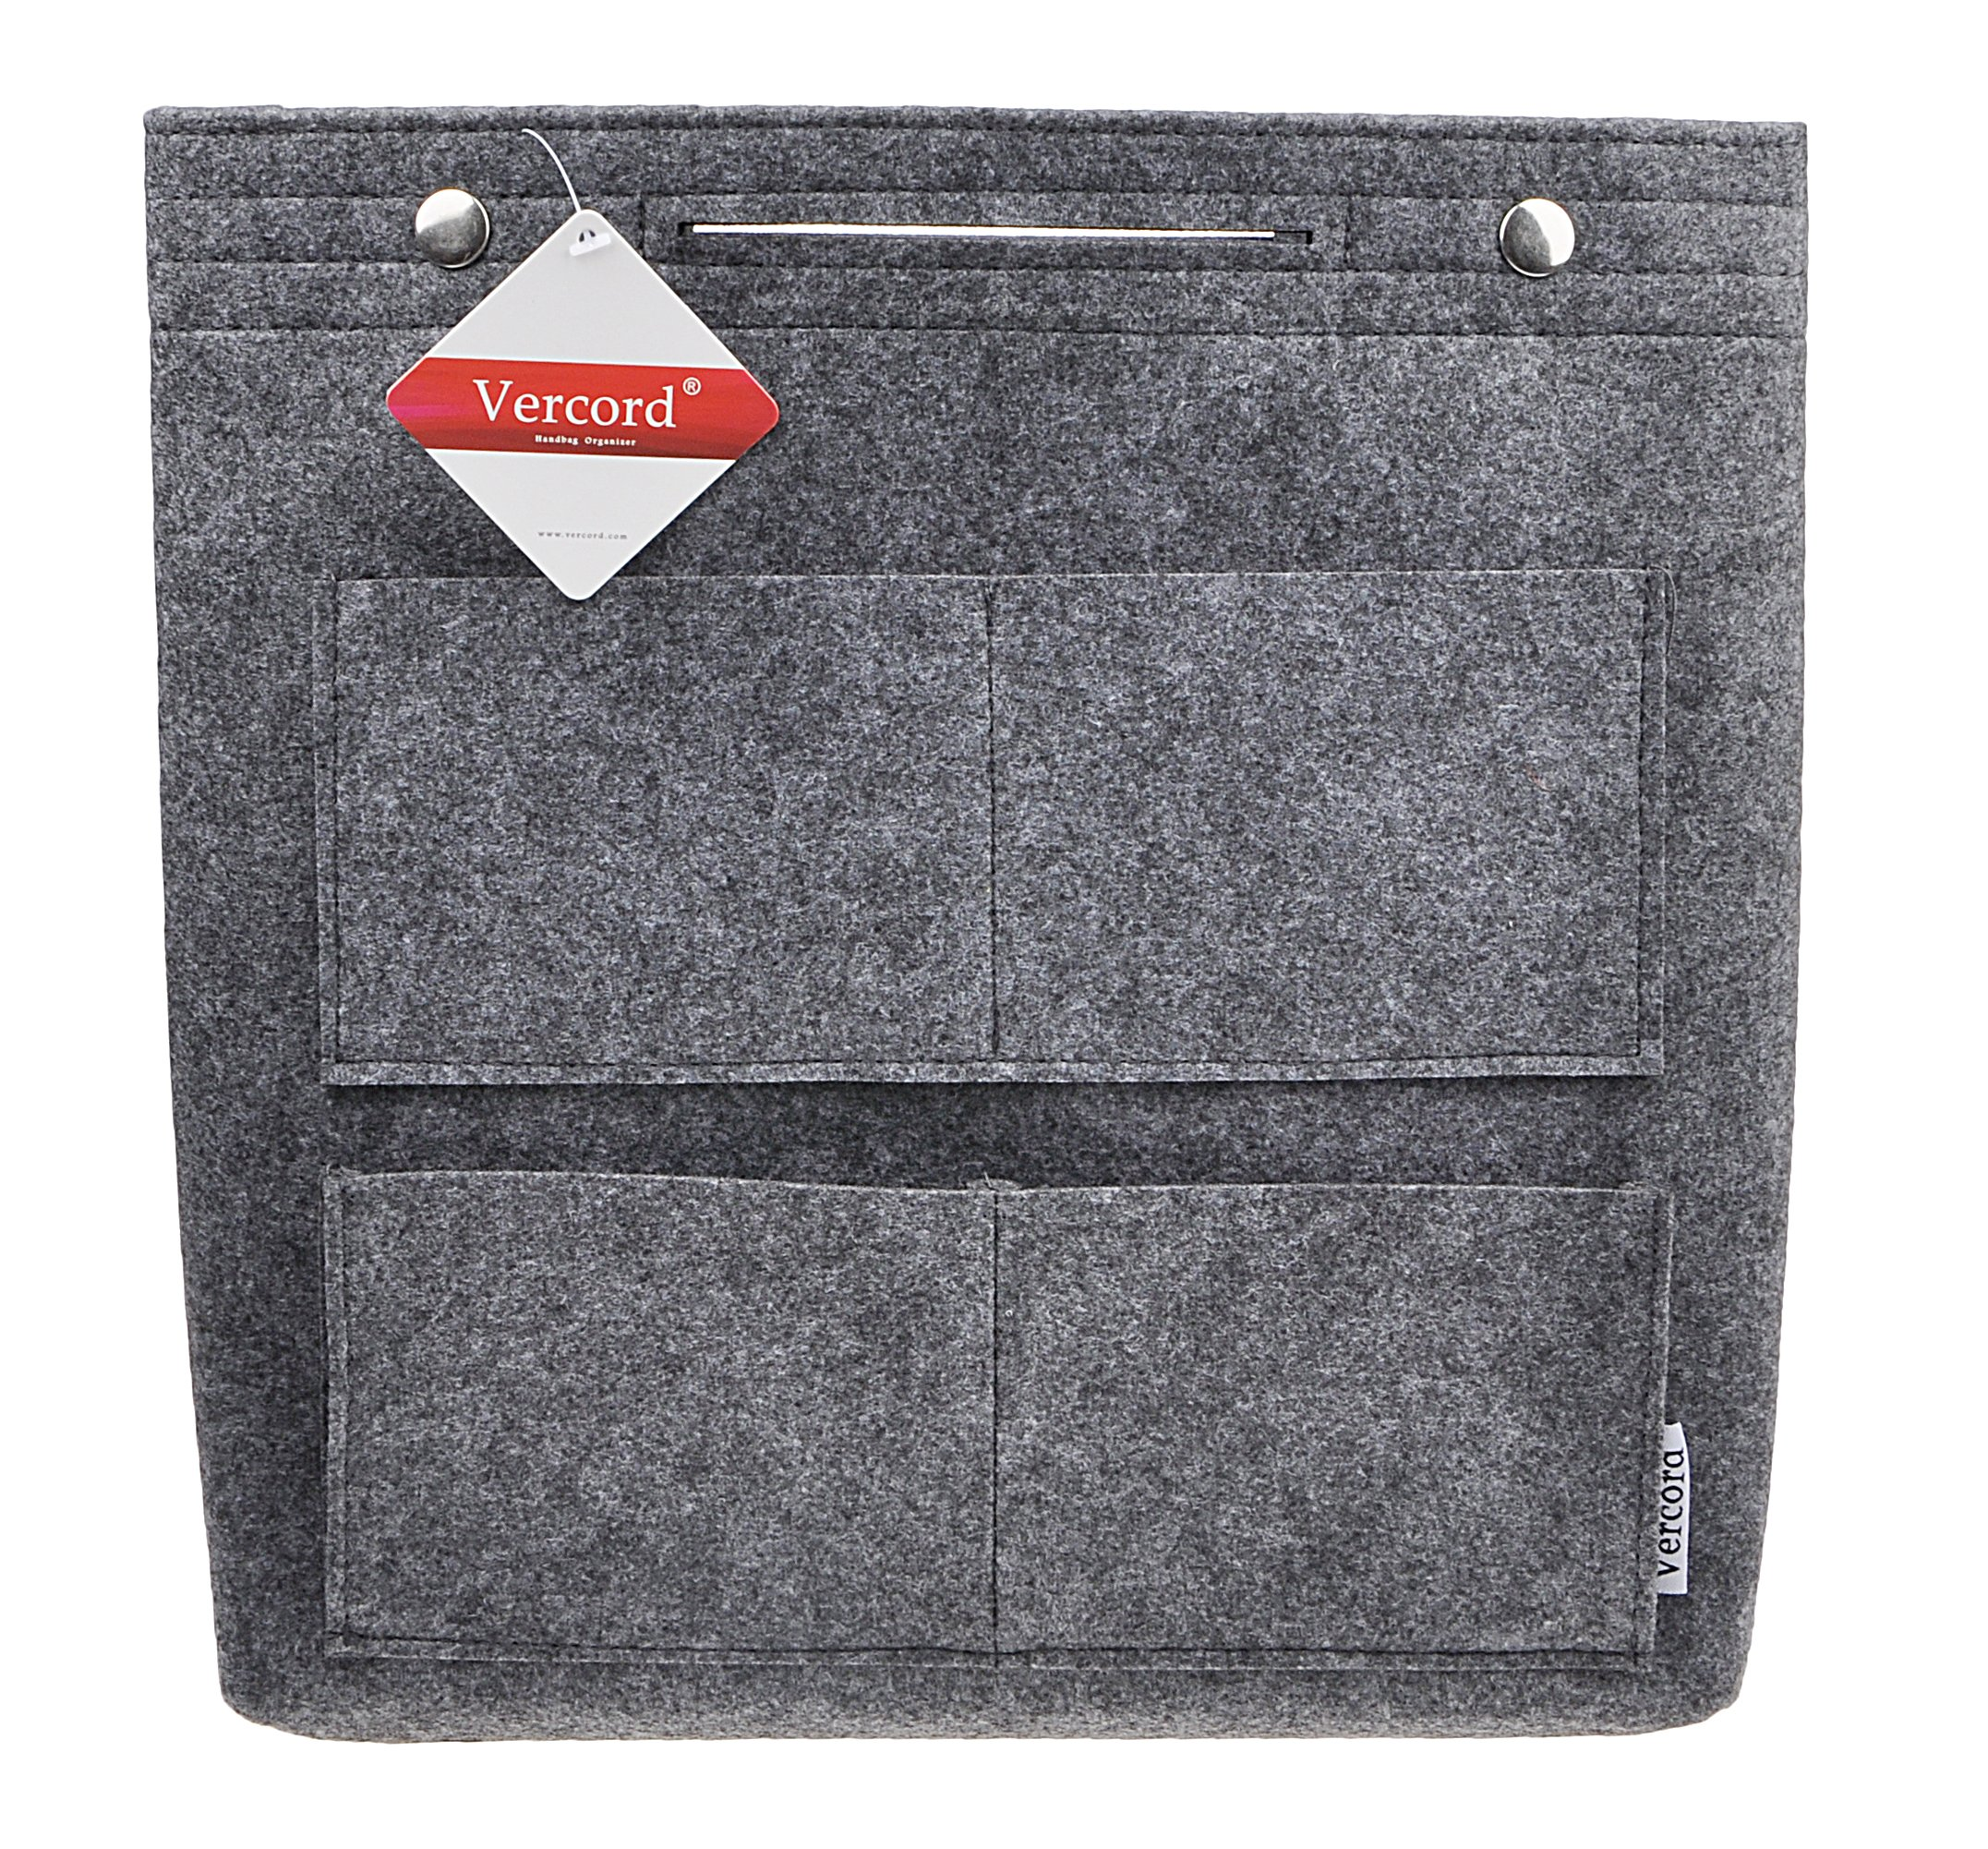 Vercord Felt Tote Handbag Purse Pocketbook Organizer Insert Divider Shaper Bag in Bag, Xlarge-Dark Grey